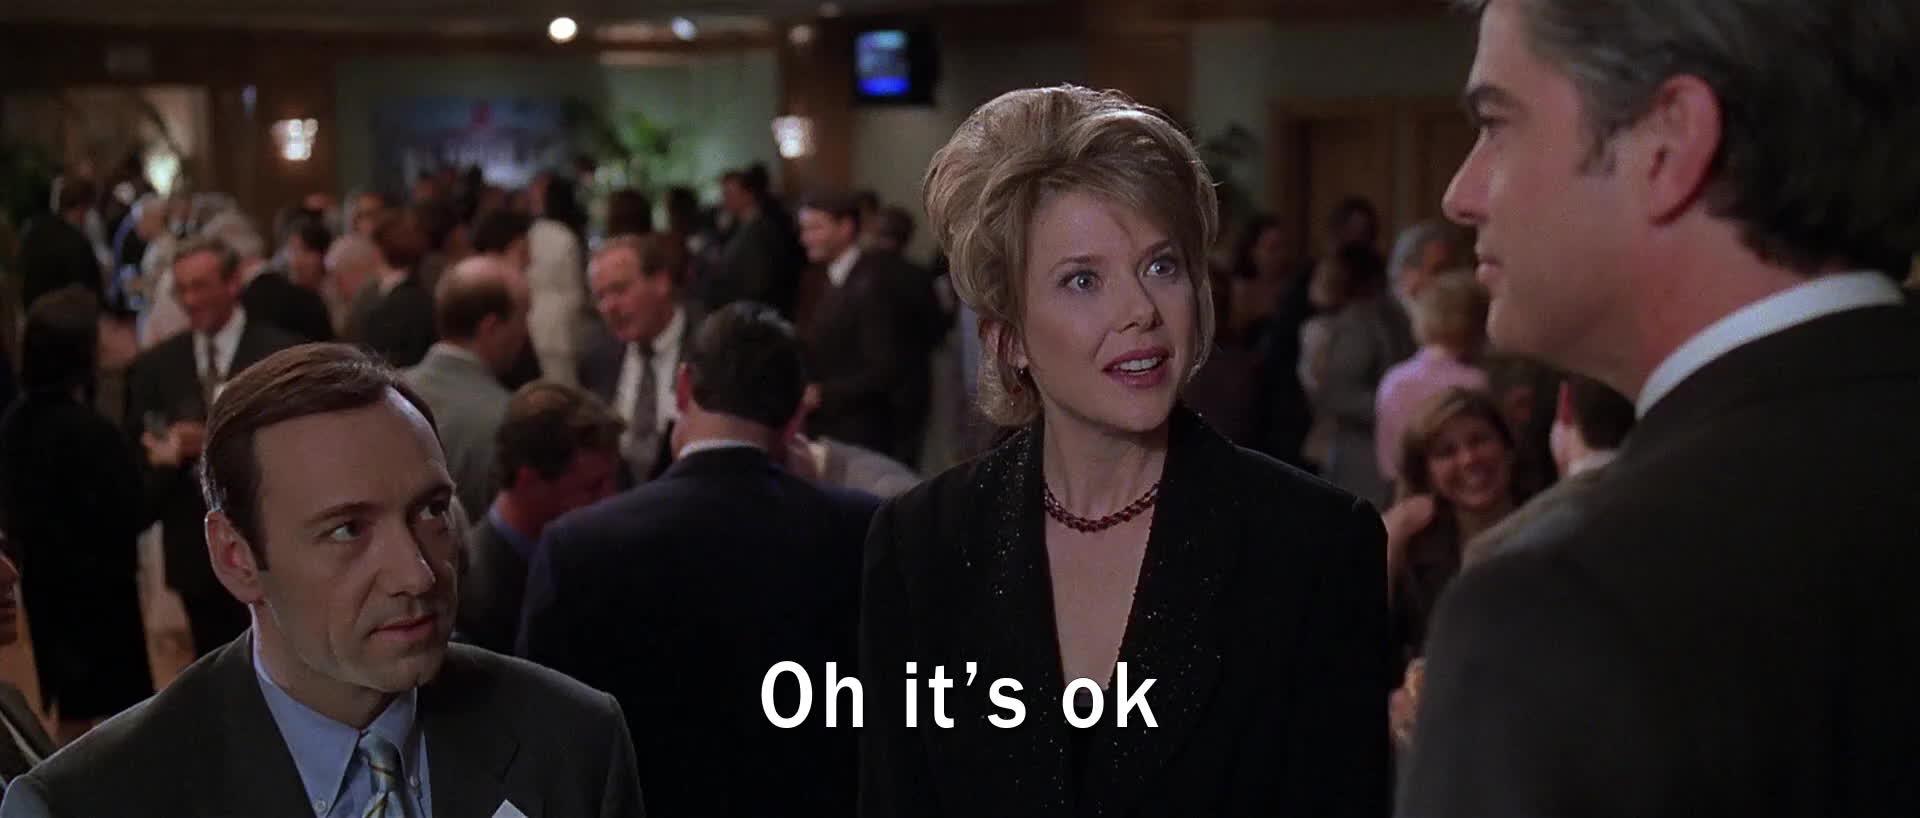 Kevin Spacey, awkward, cringe, awkward GIFs